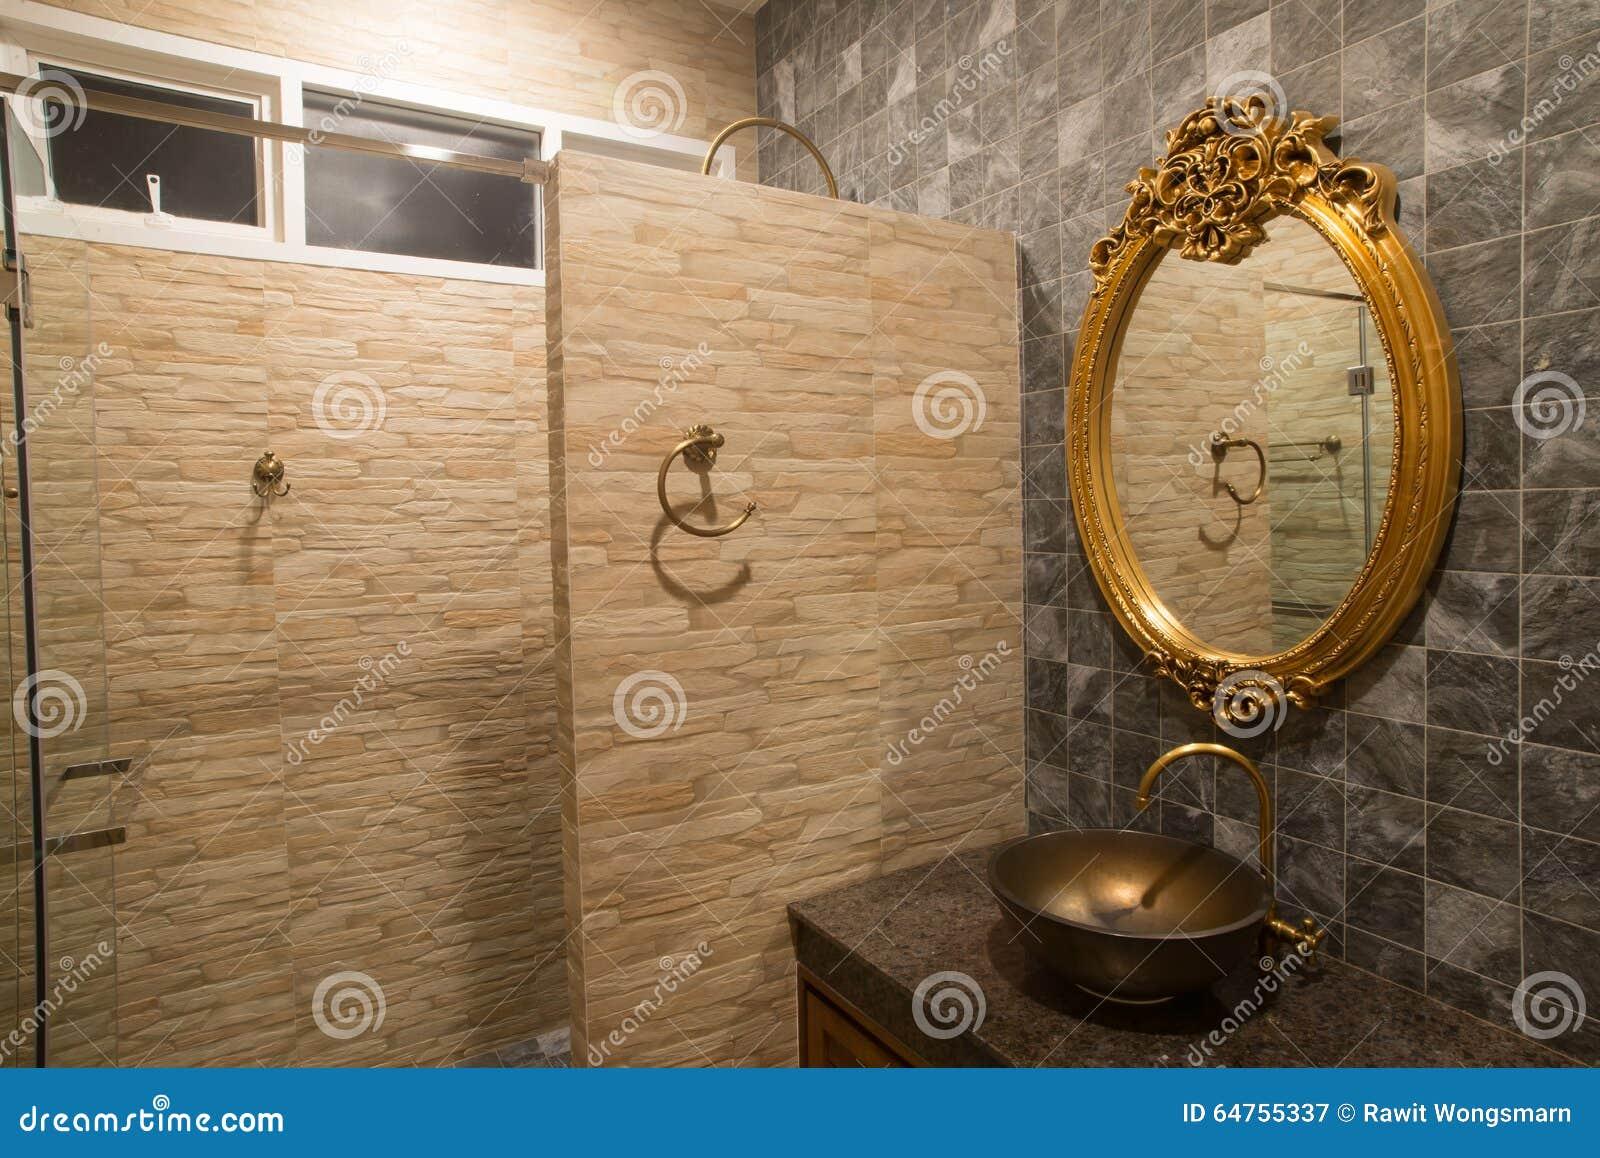 Luxe Gouden Spiegel In Badkamers Stock Afbeelding Afbeelding Bestaande Uit Tapkraan Stijl 64755337